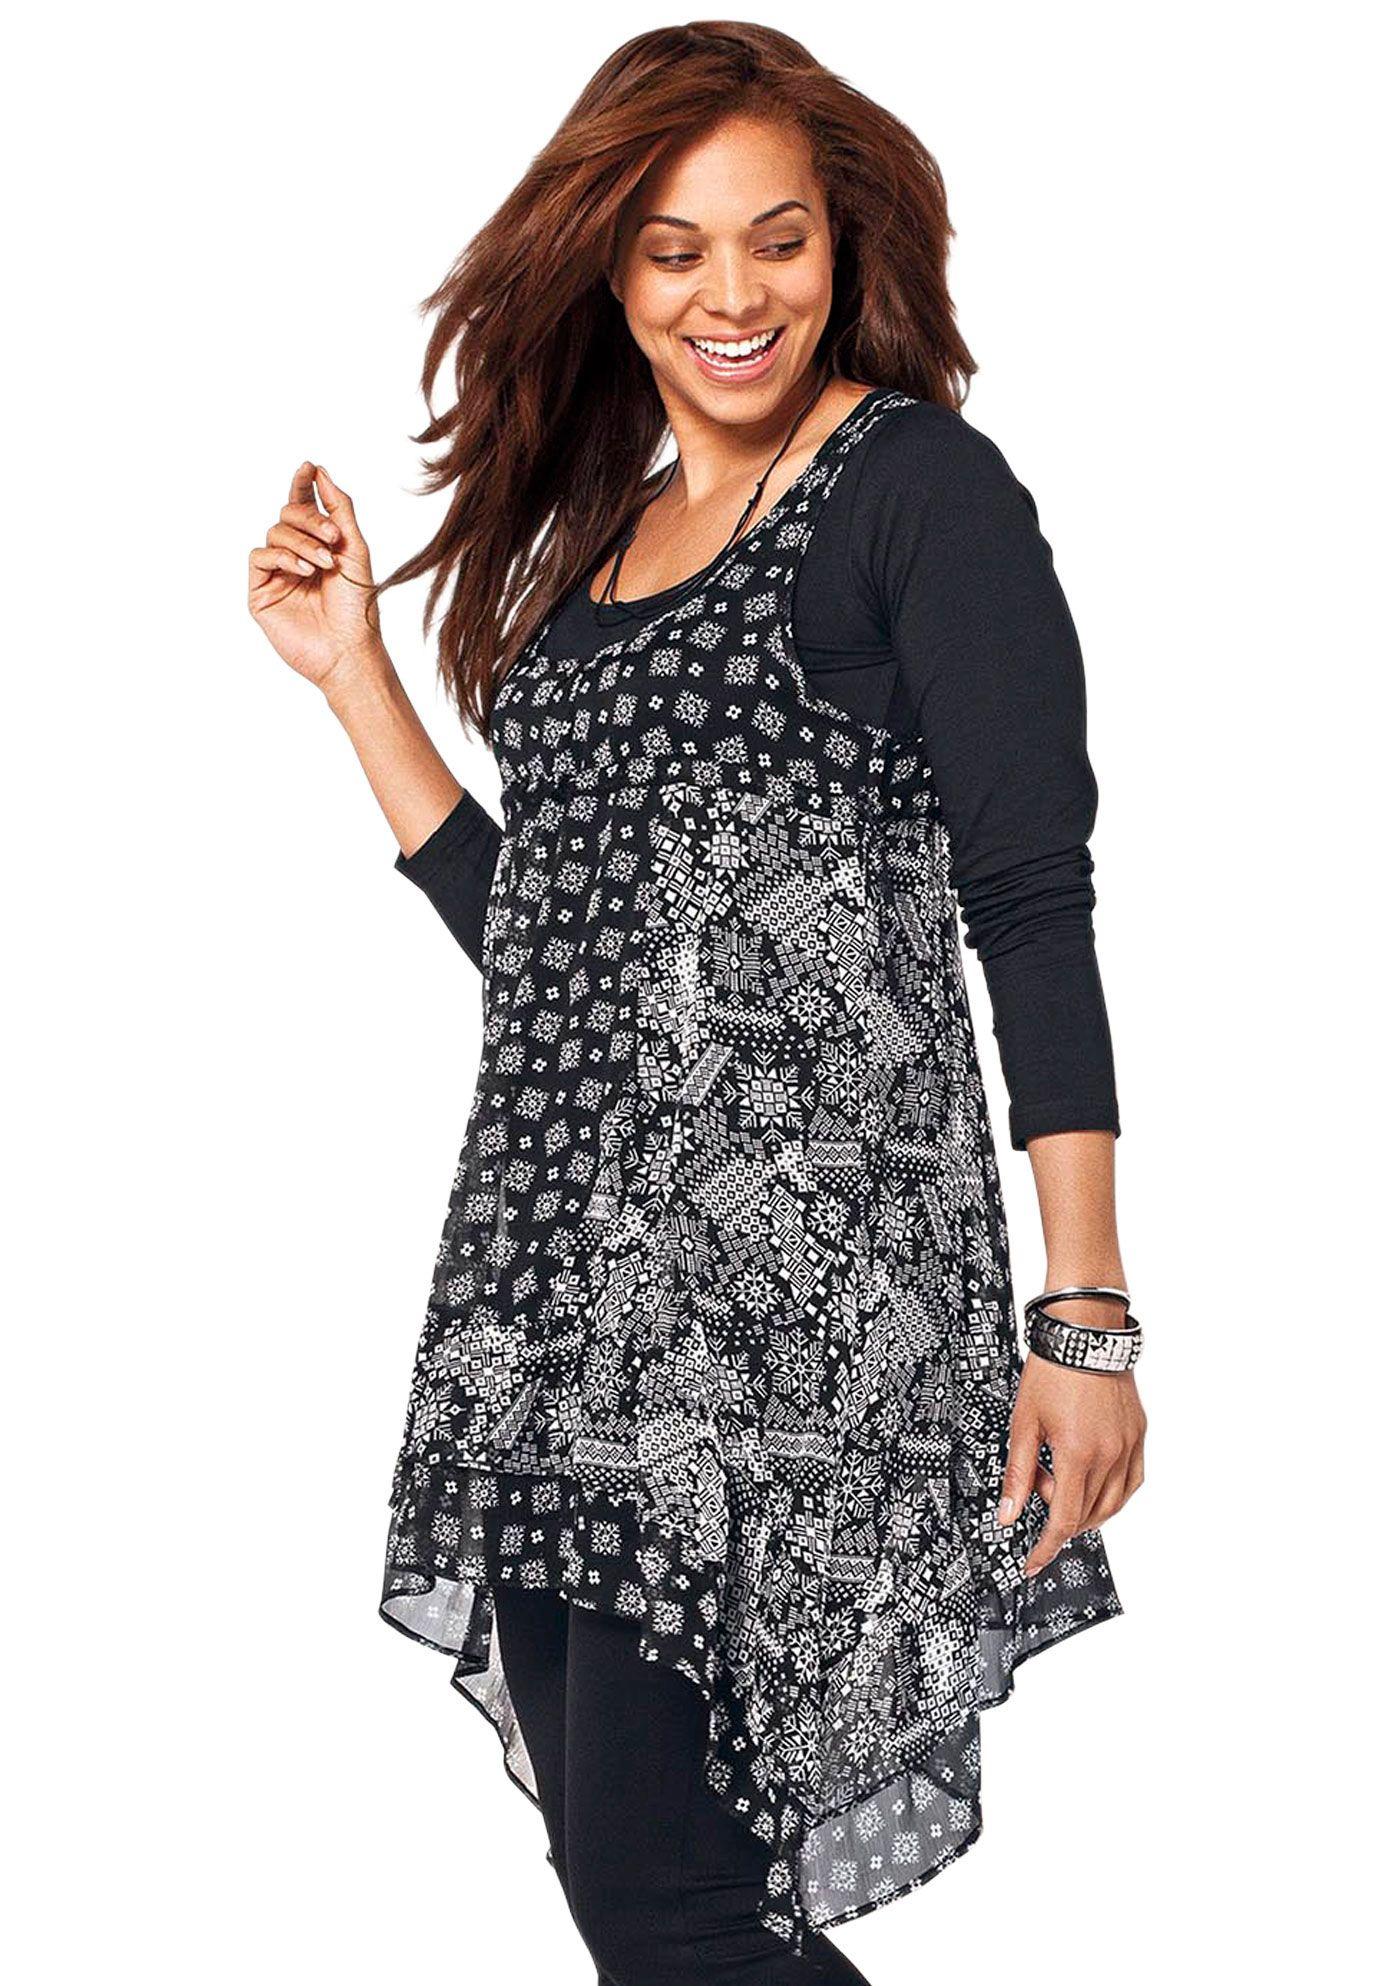 6e6be65de1d7 Plus Size Clothing - Fashion for Plus Size women at Roaman s